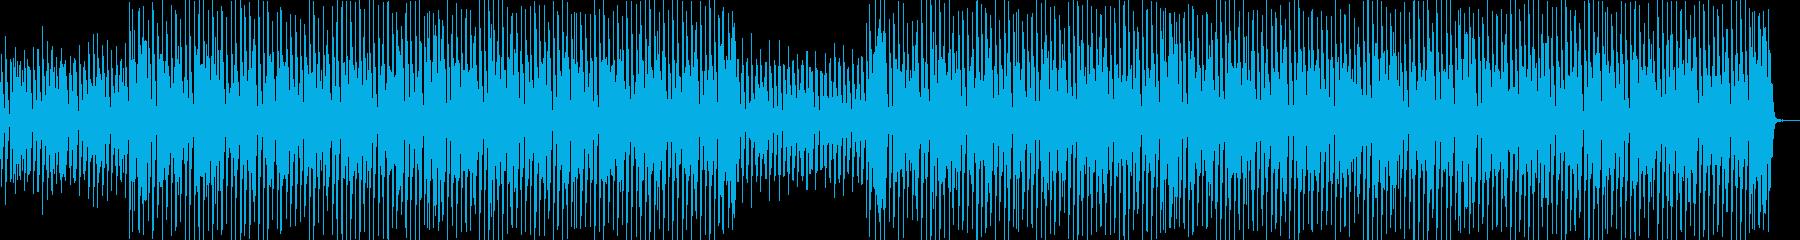 お正月・ウキウキ・三味線・和風ポップの再生済みの波形